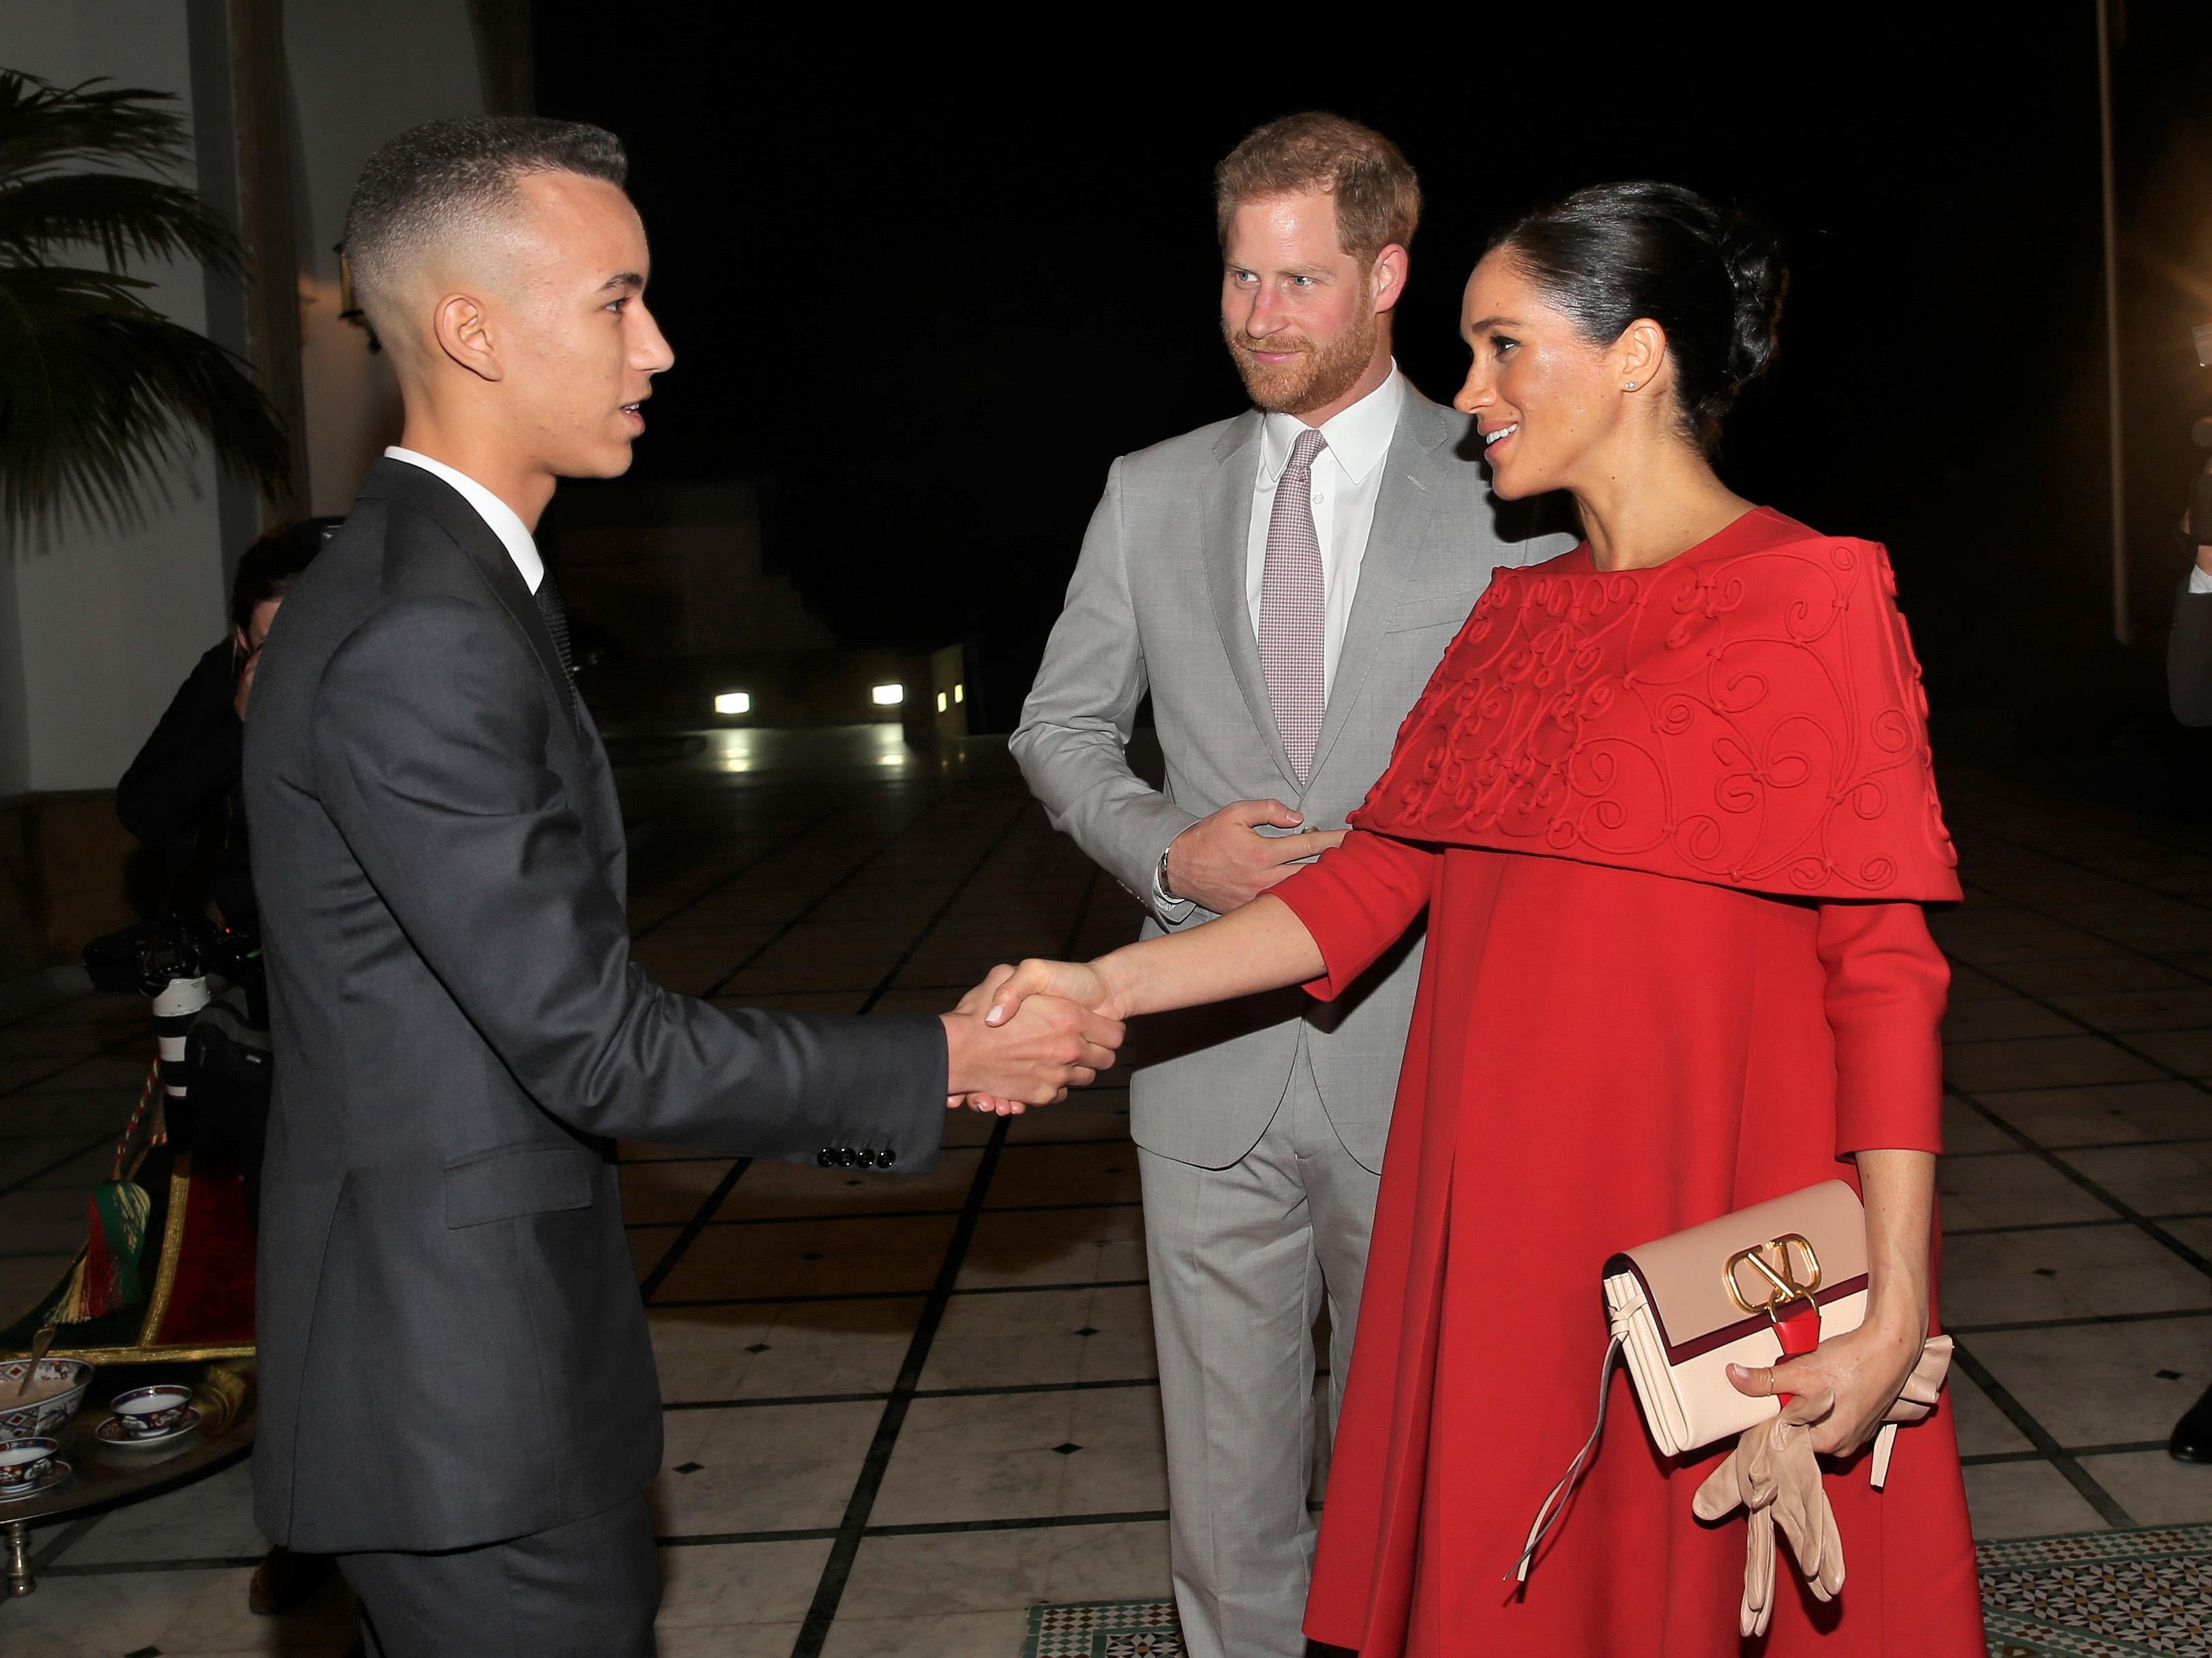 S.A.R le Prince Héritier Moulay El Hassan reçoit le Prince Harry d'Angleterre et son épouse